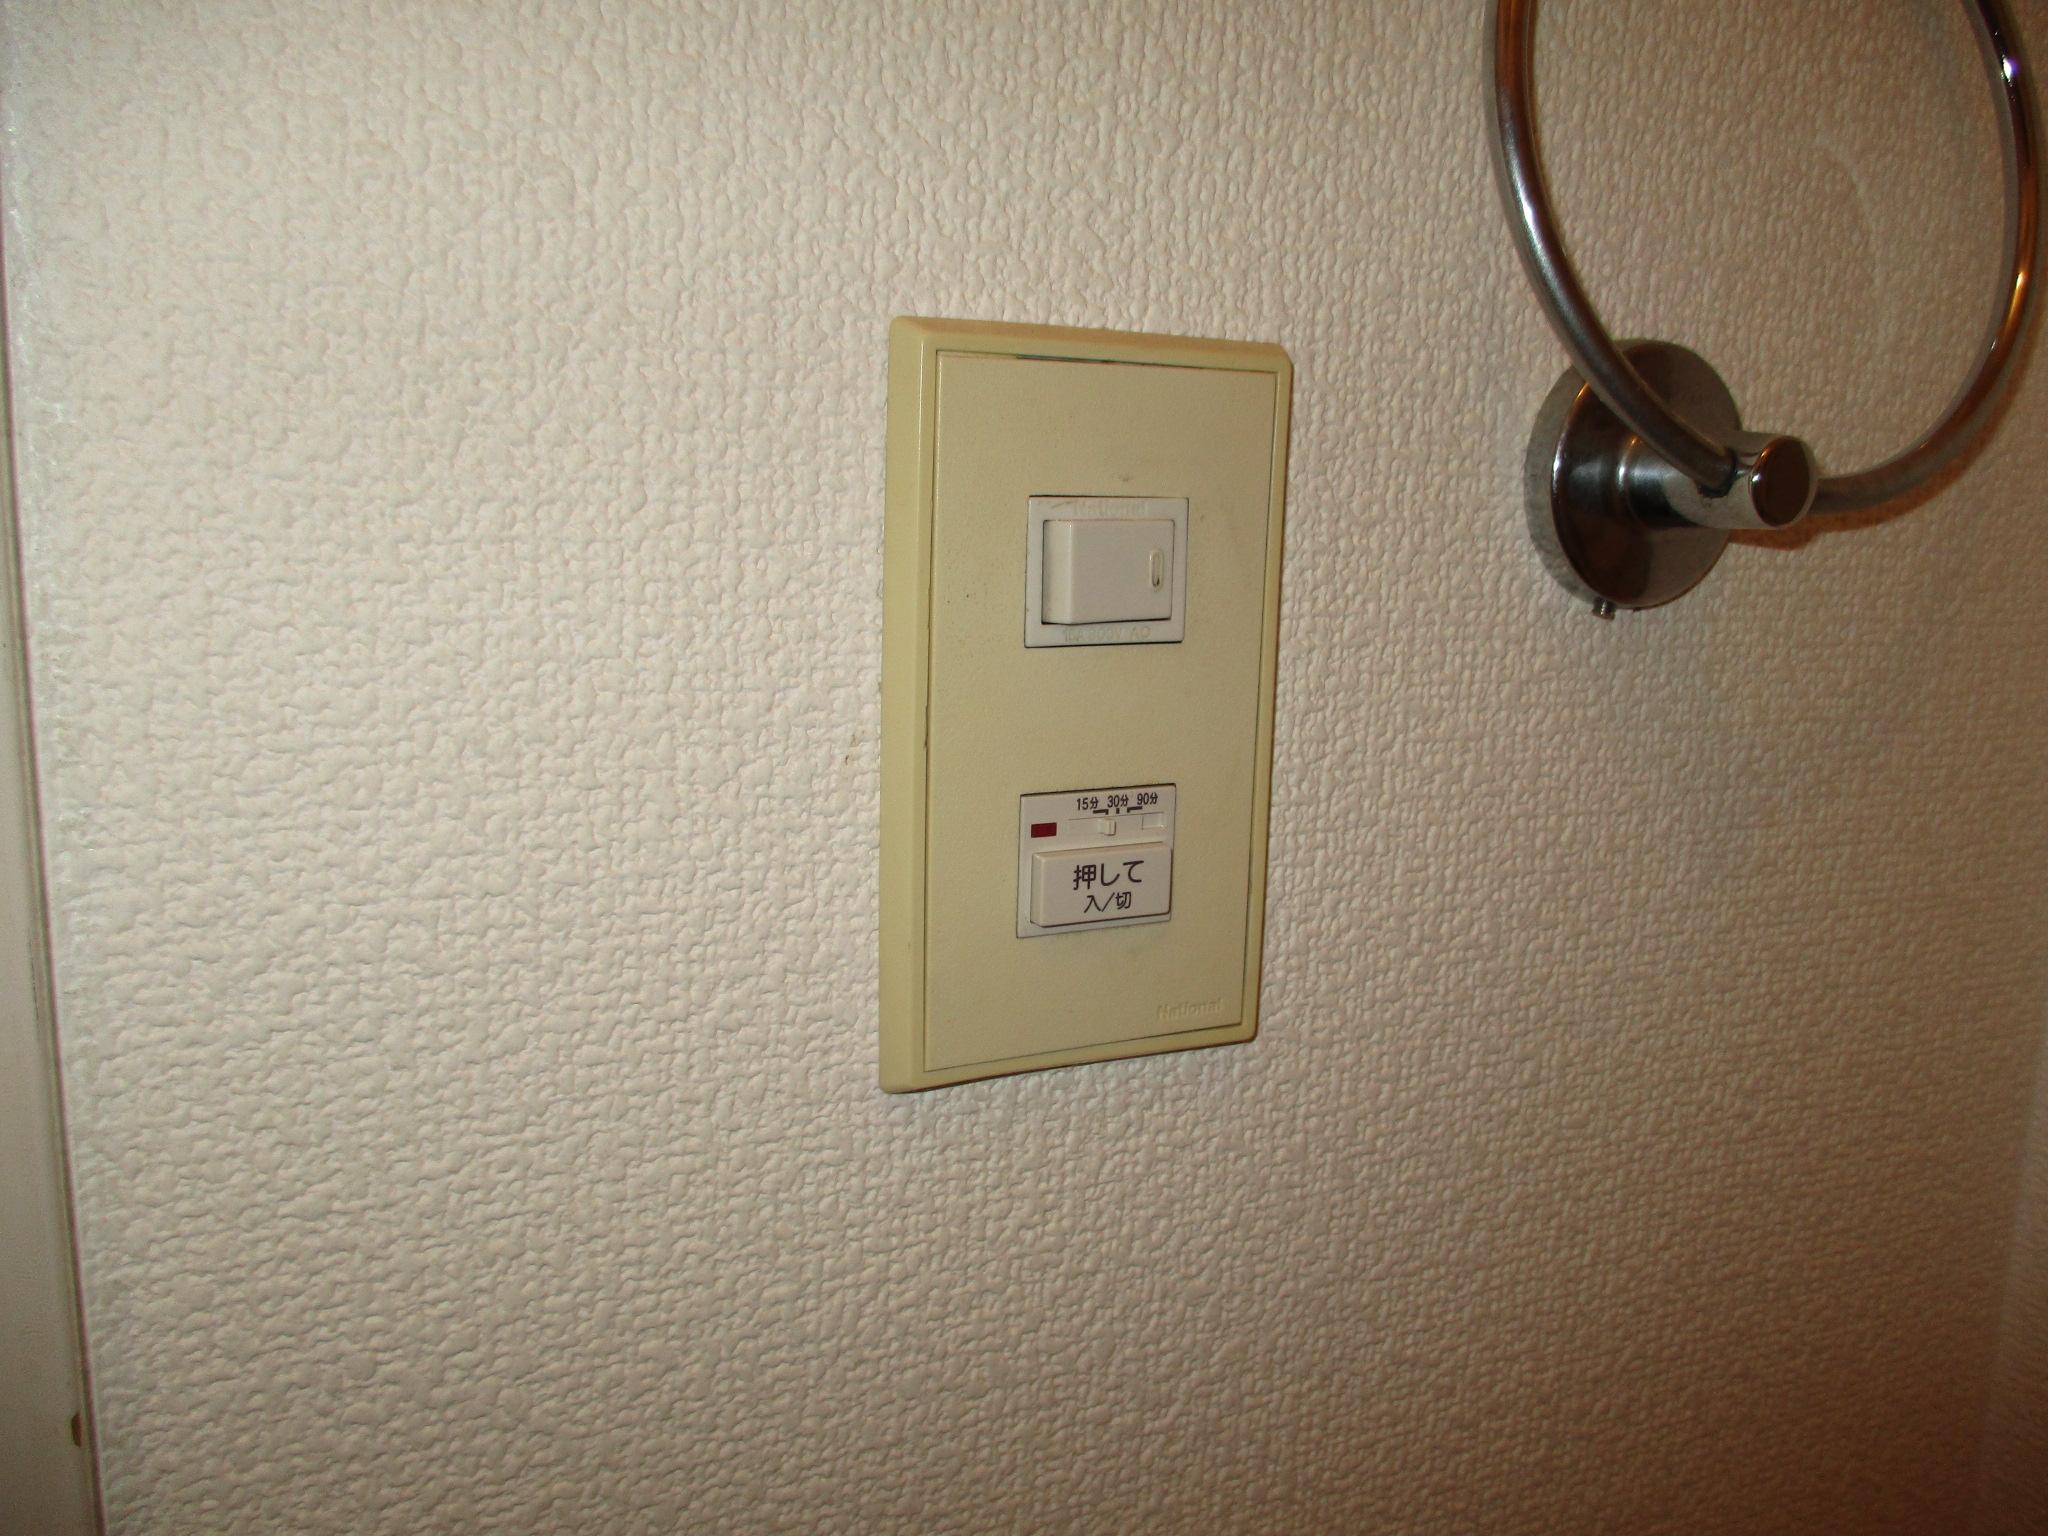 宝塚市 浴室壁付け換気扇取替工事イメージ02